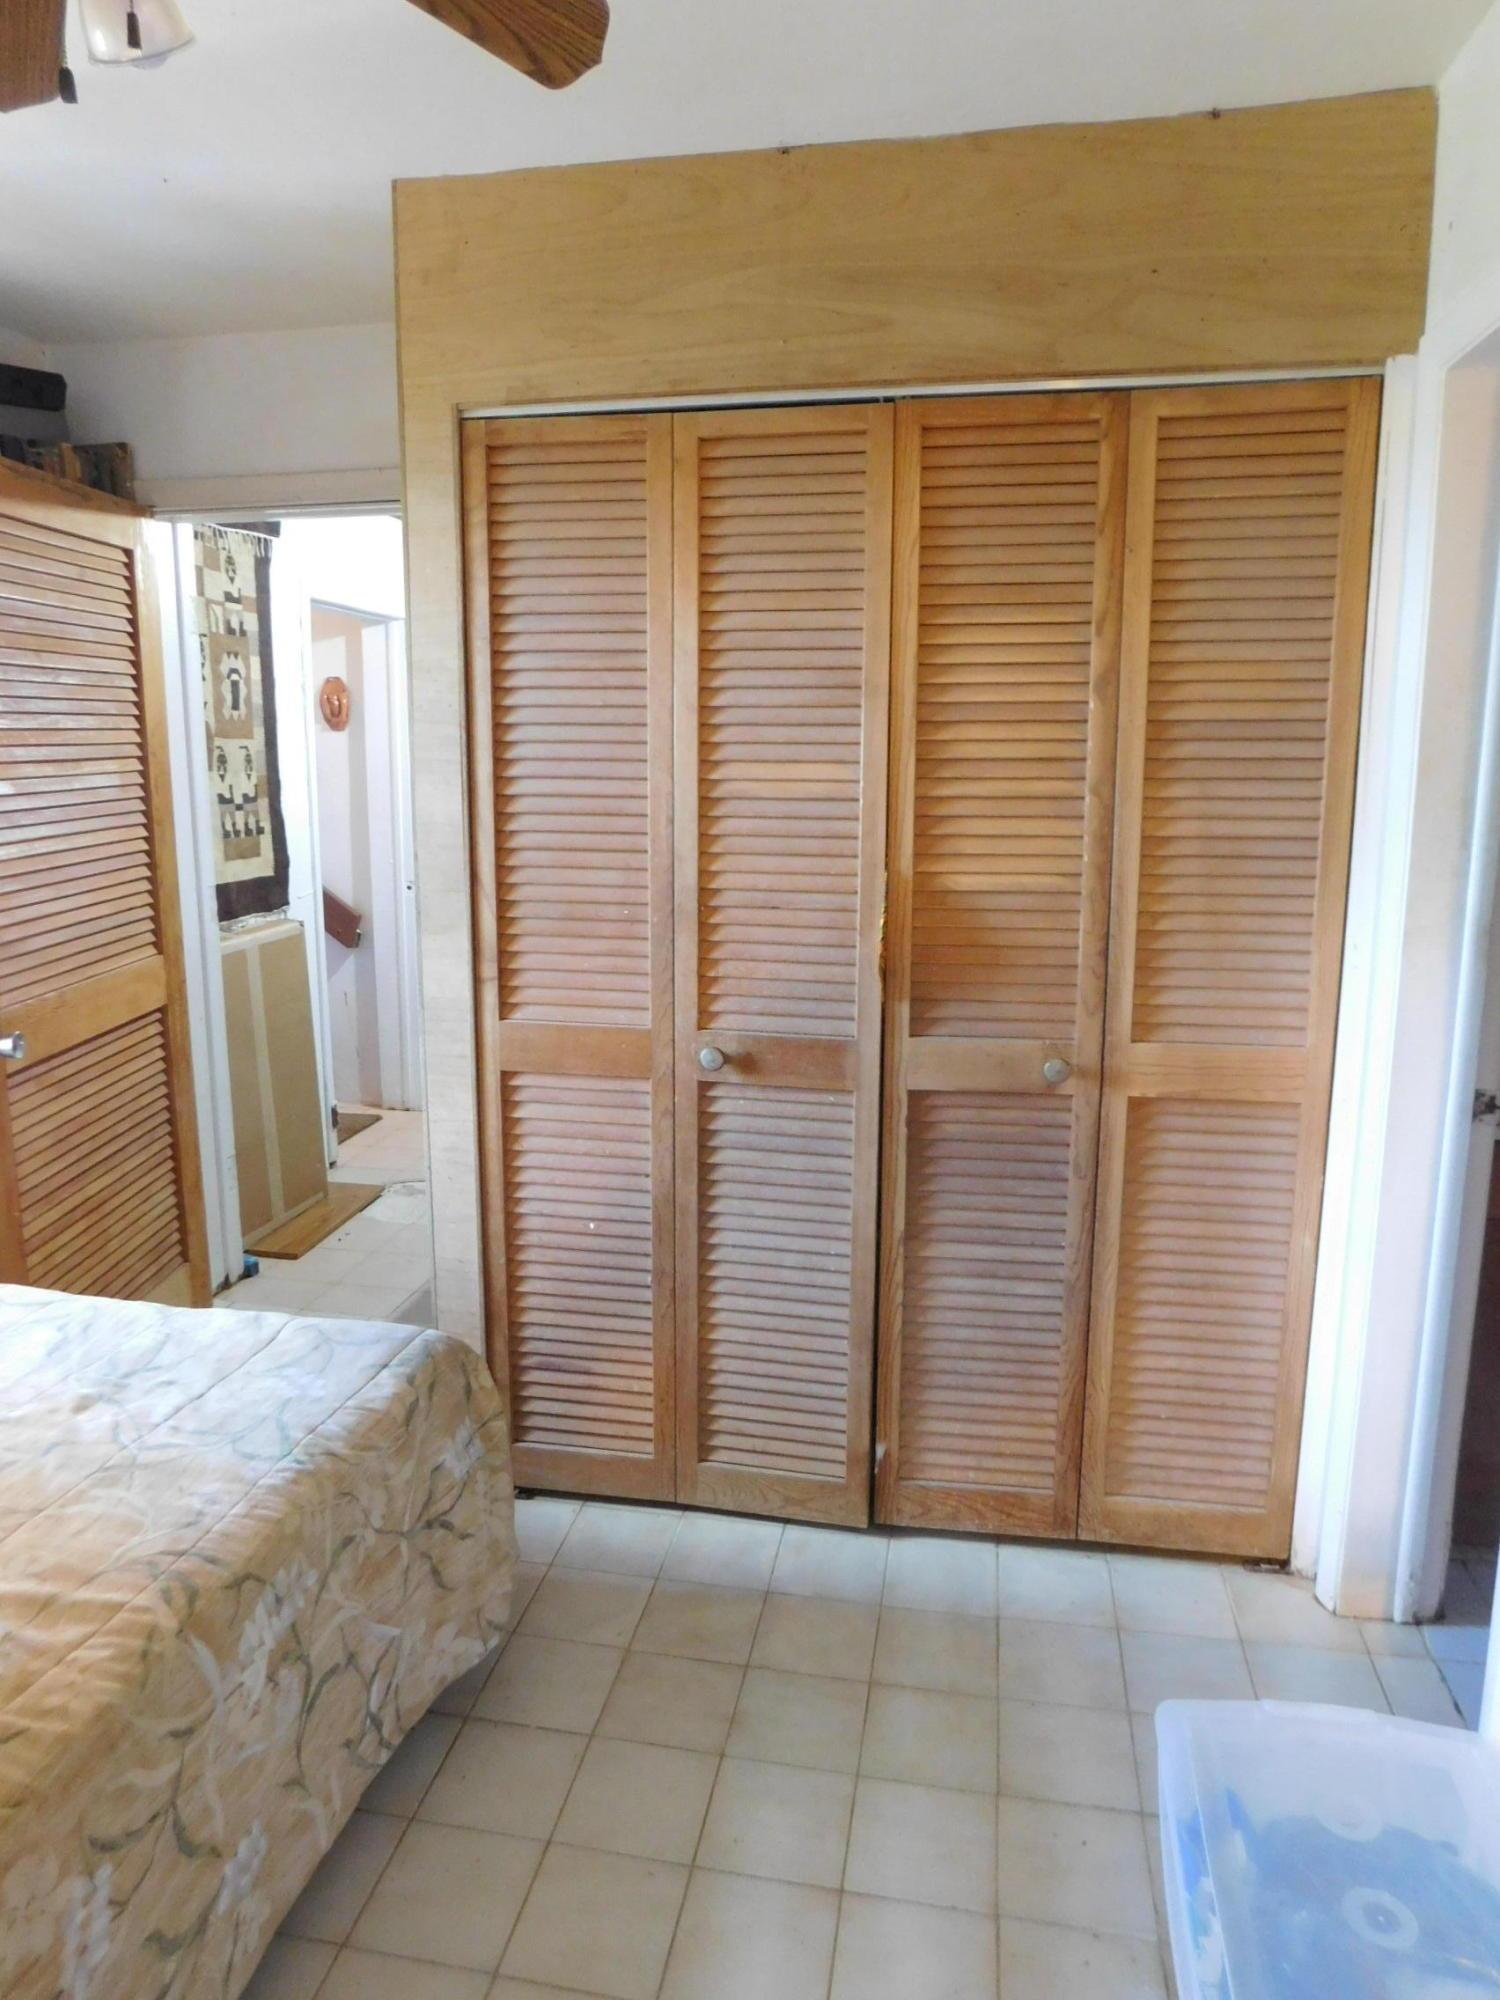 4th bedroom closet